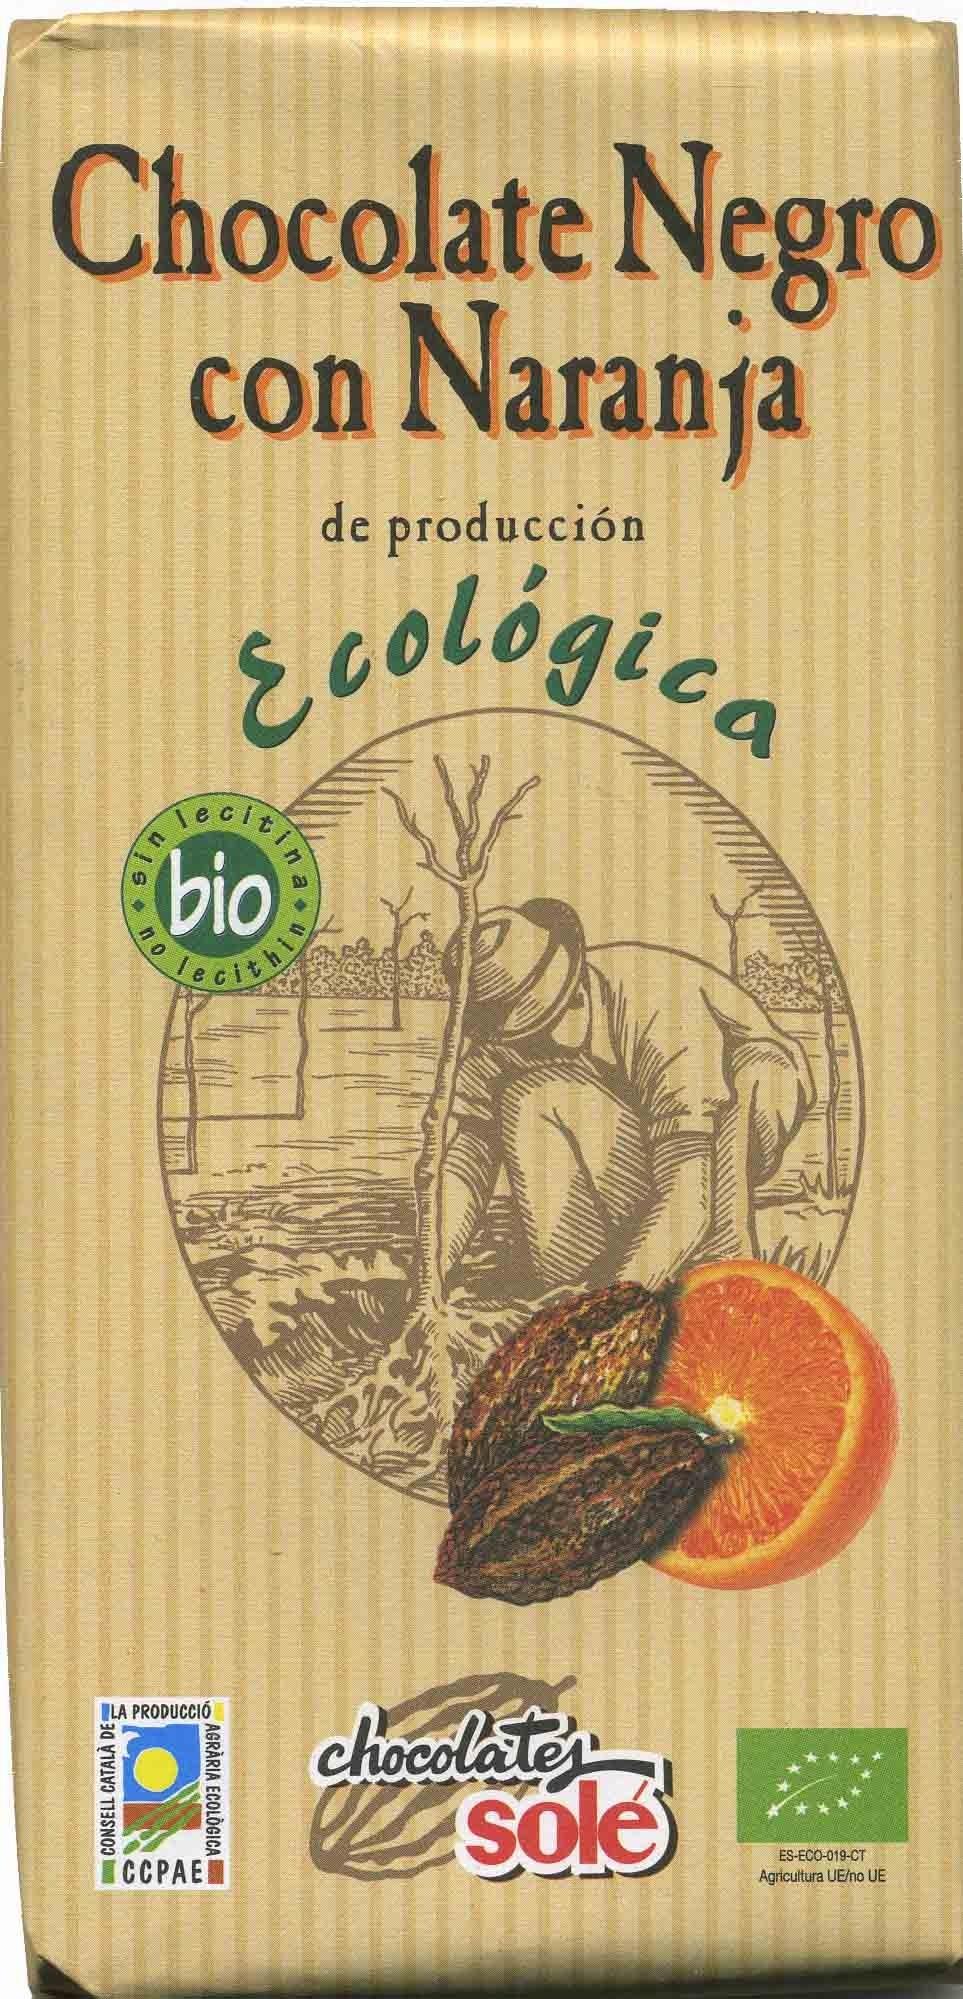 Chocolate negro con naranja 56% cacao - Producto - es